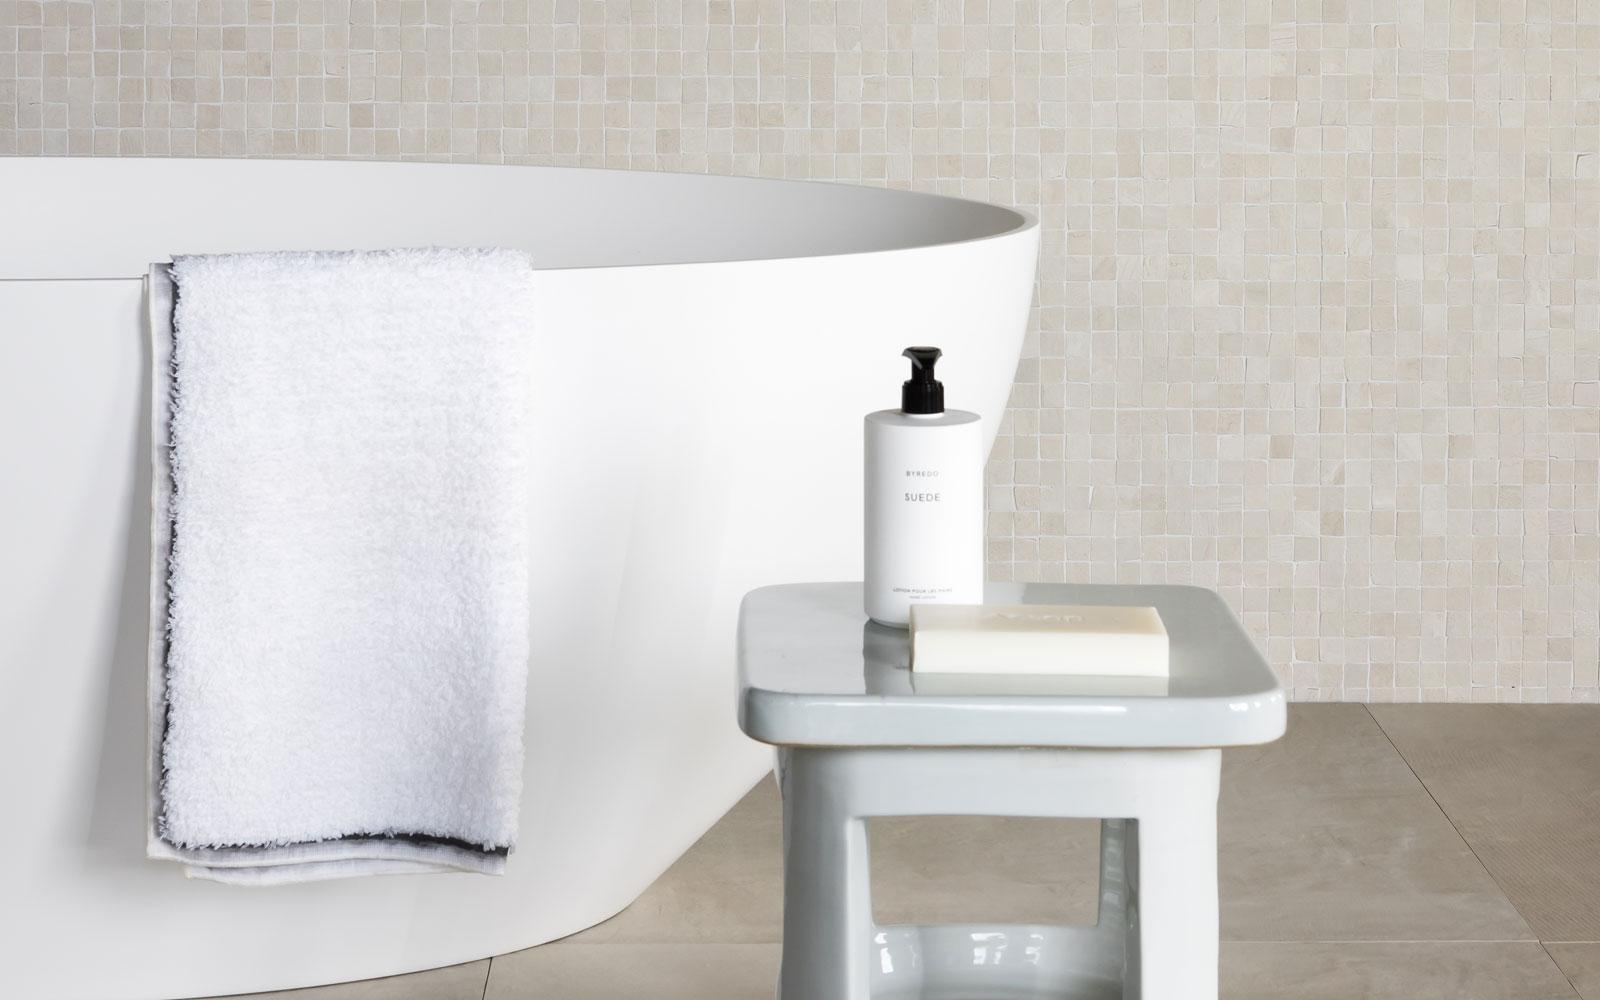 Badkamerblikvangers | Tegelgroep | Douglas & Jones | vt wonen